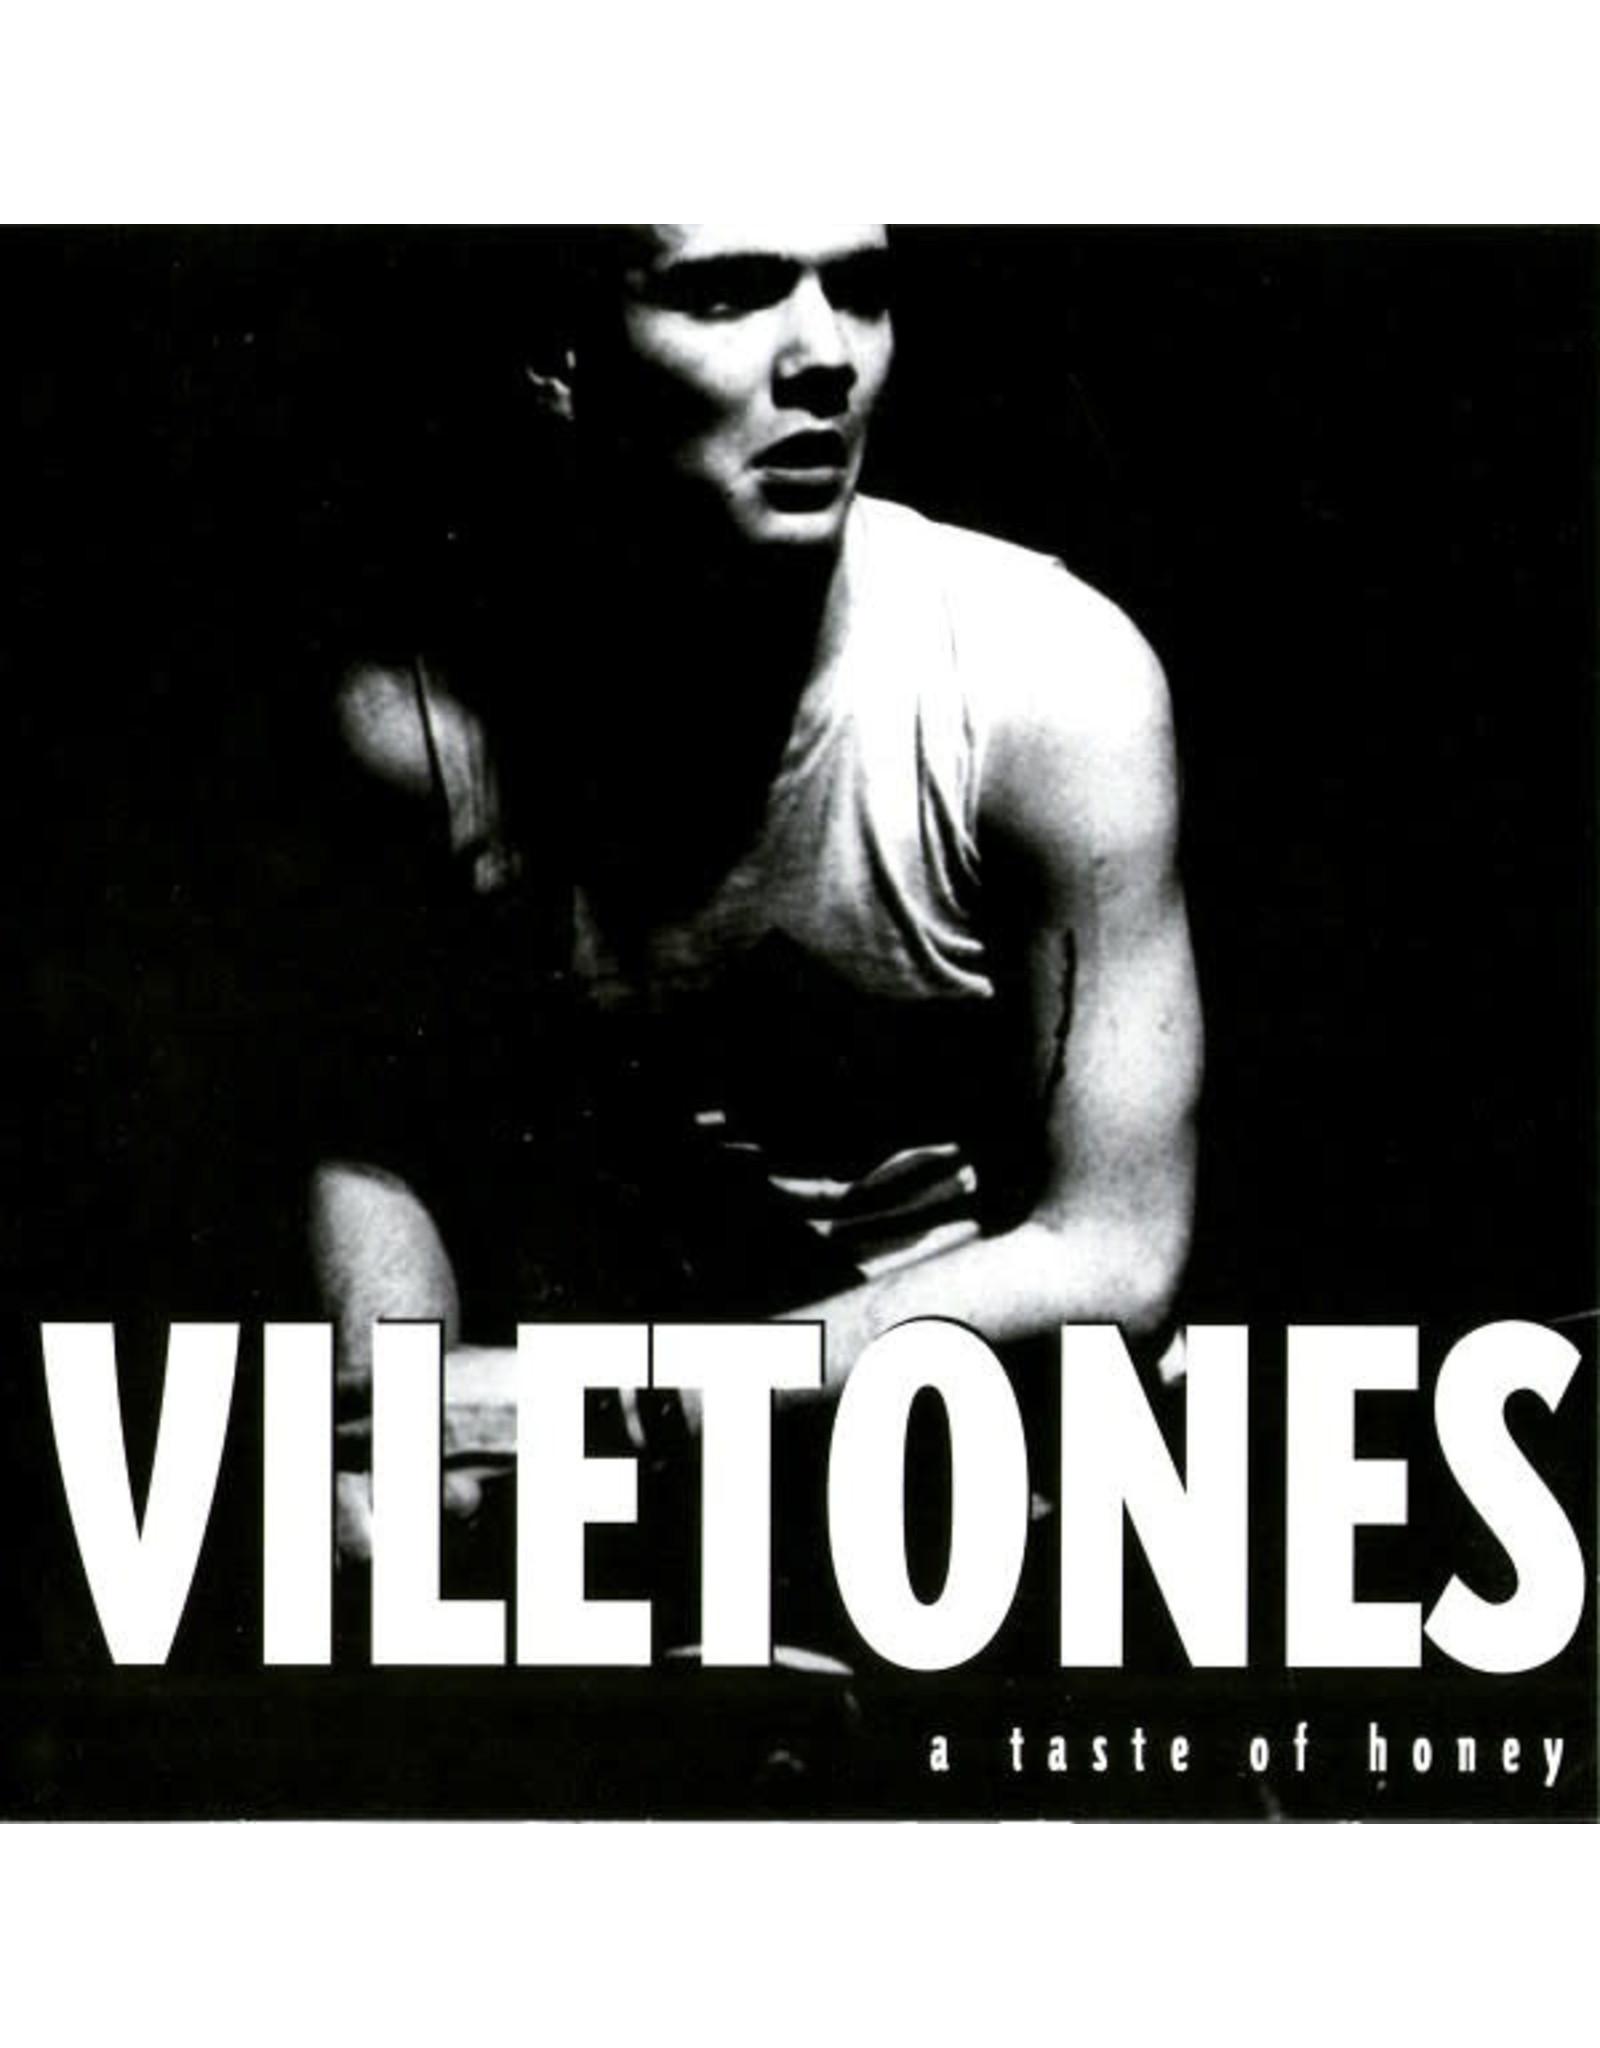 Viletones - Taste Of Honey CD